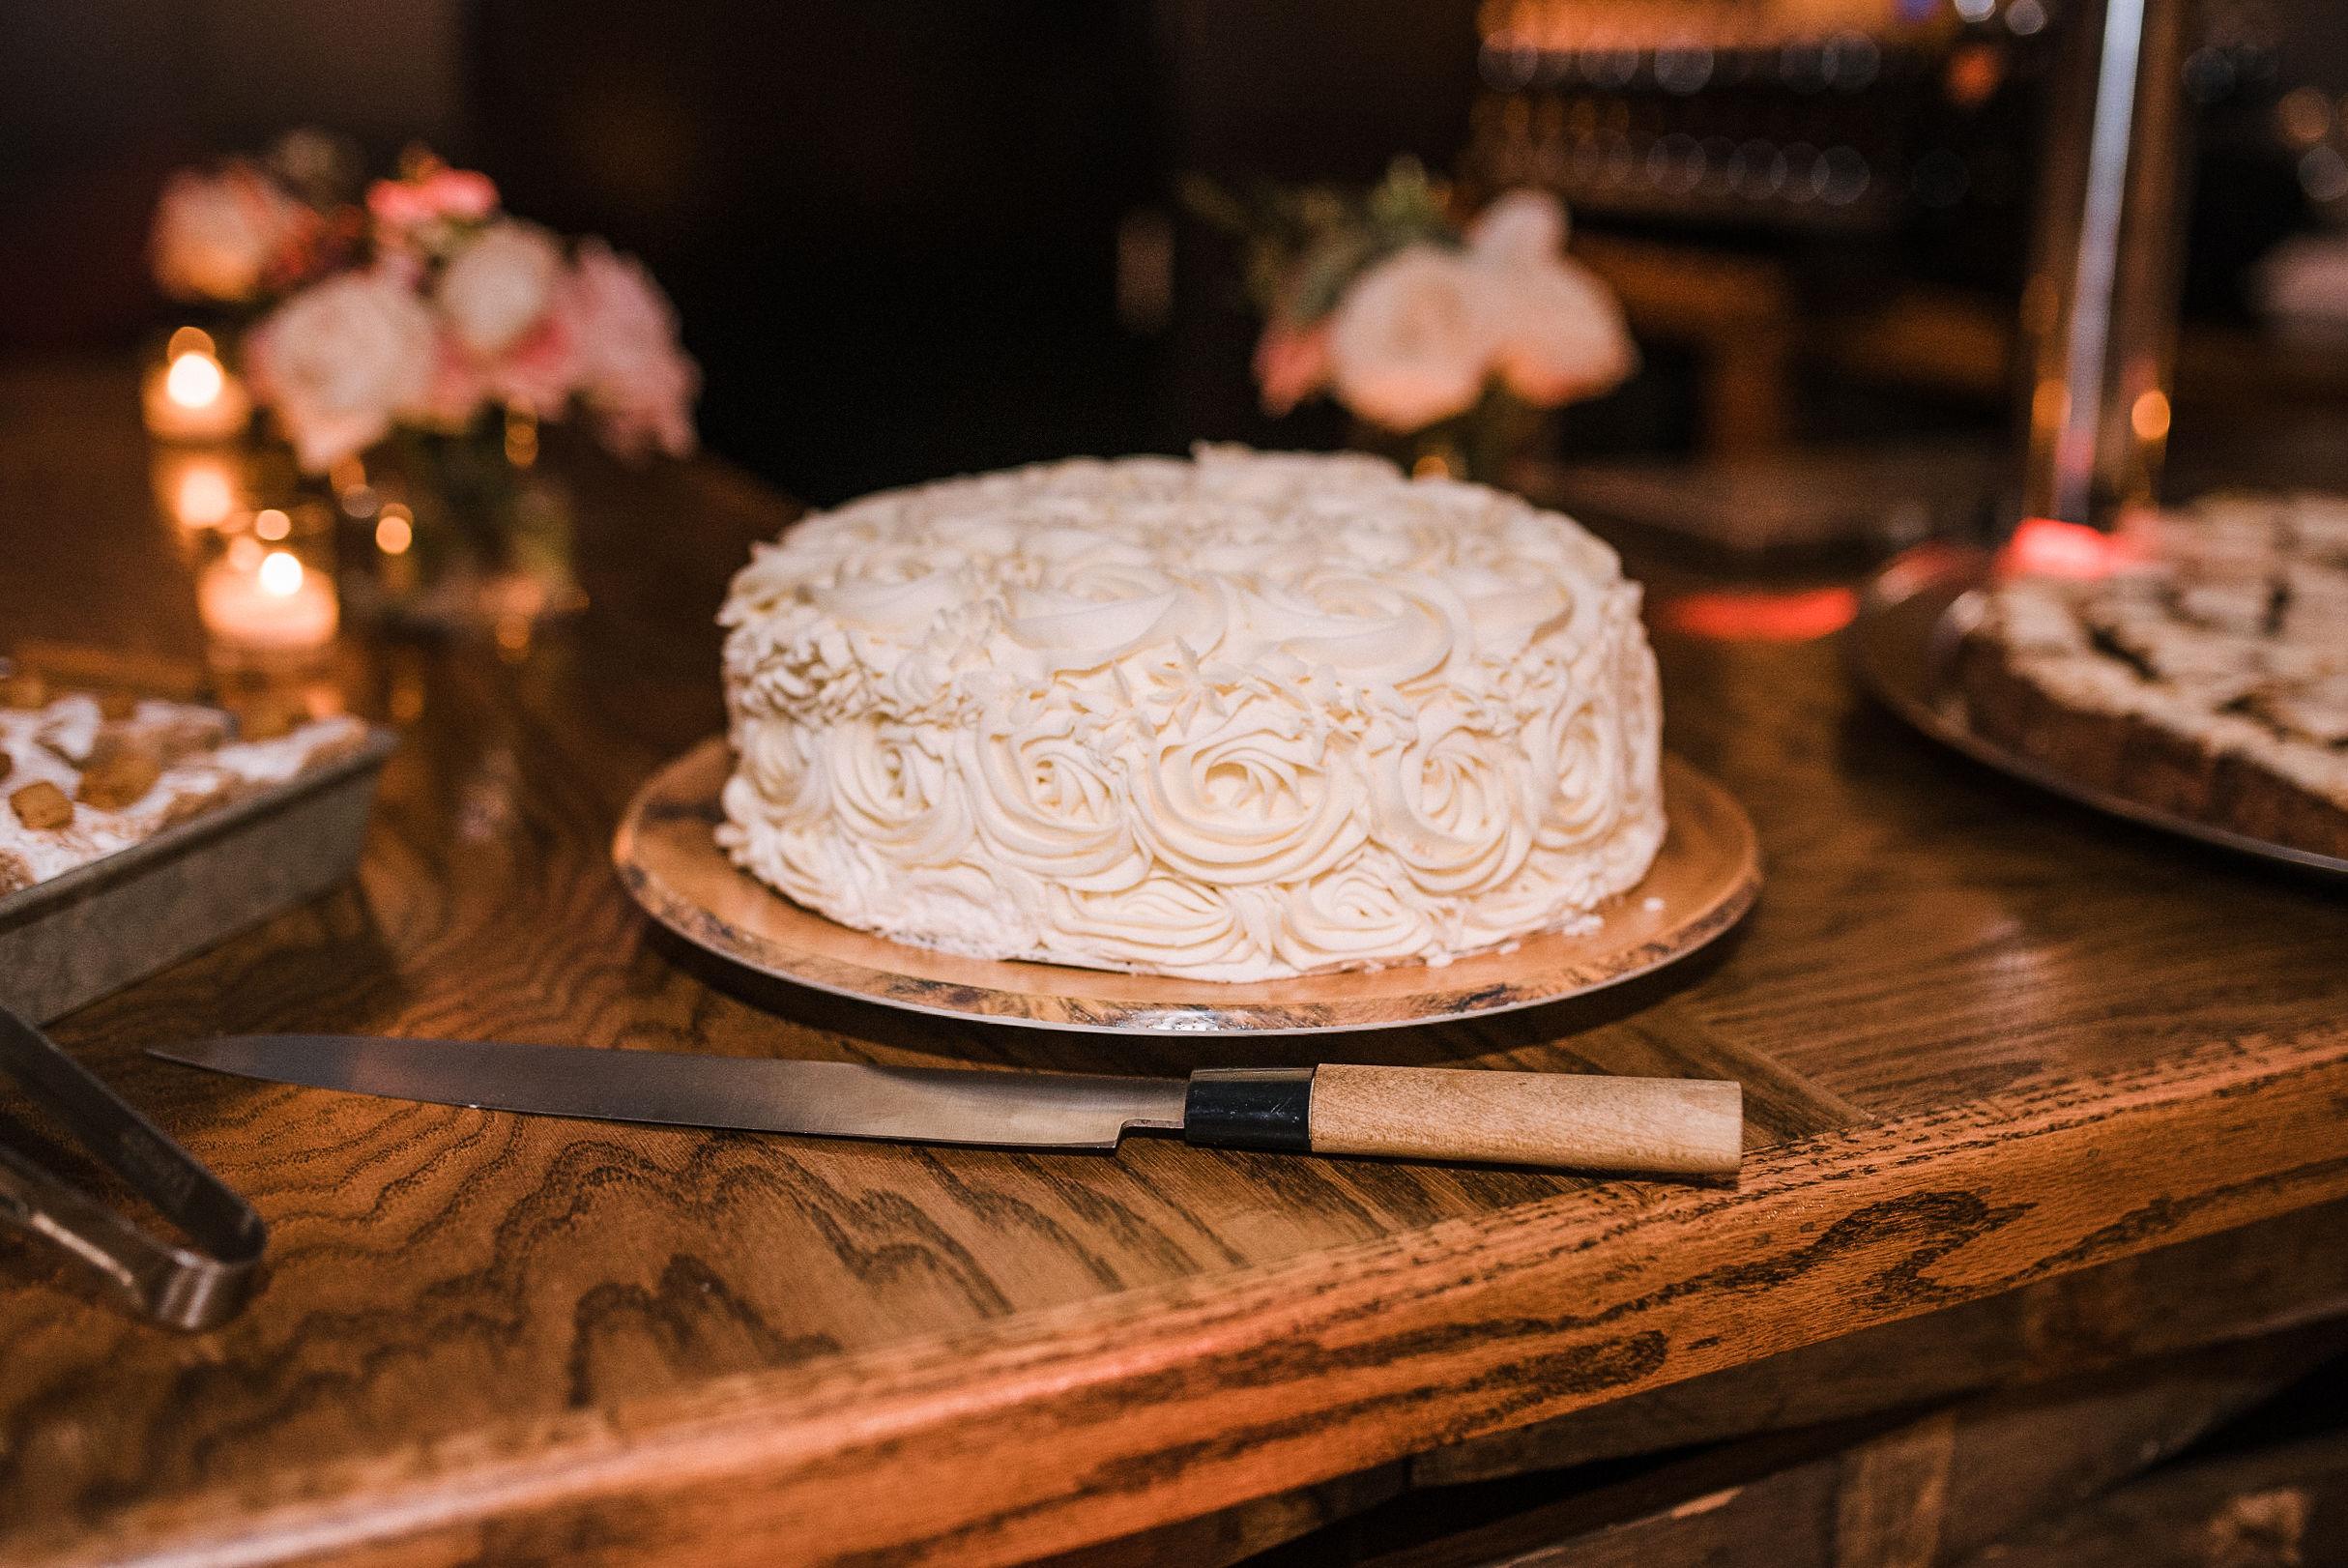 wedding cake detail shot at City Winery in Washington DC